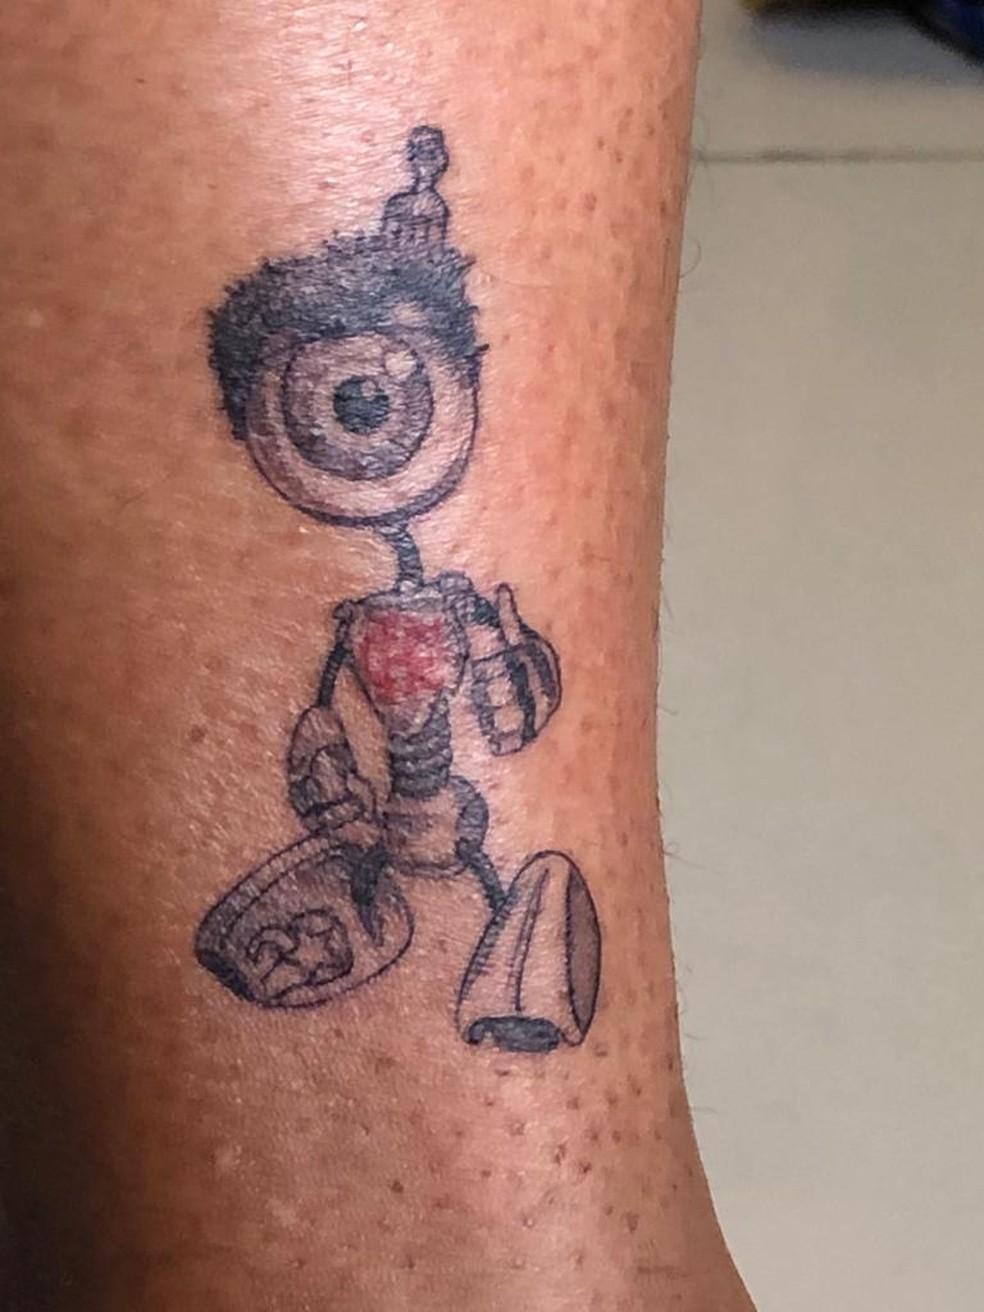 Babu tatuou na panturrilha um RoBBB de black power e garfo no cabelo, sua marca registrada no programa, e com o símbolo do Flamengo, seu time do coração — Foto: Arquivo pessoal